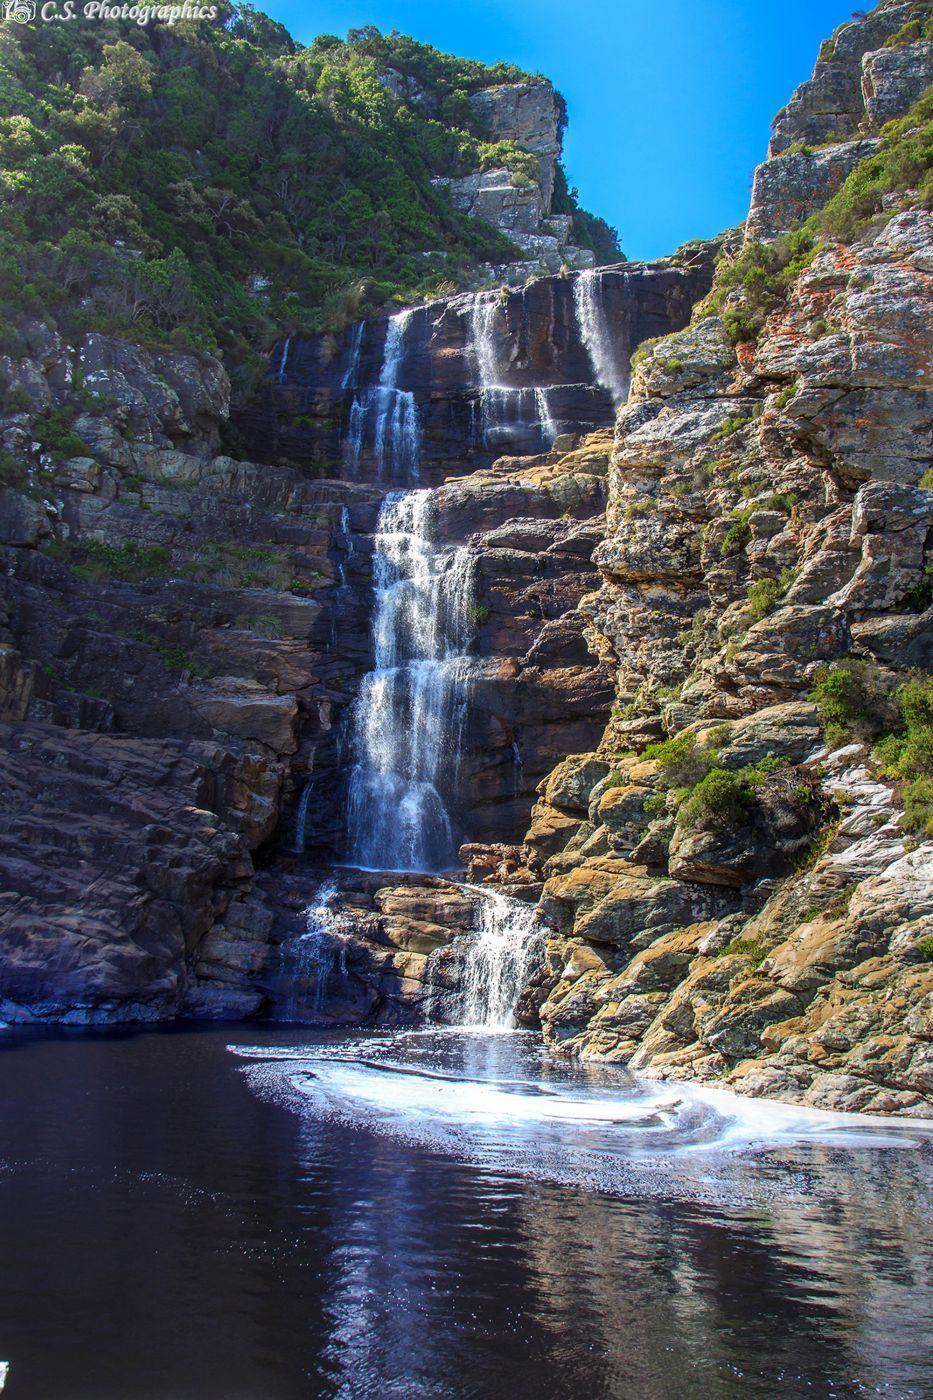 Waterfall of Tsitsikamma, South Africa